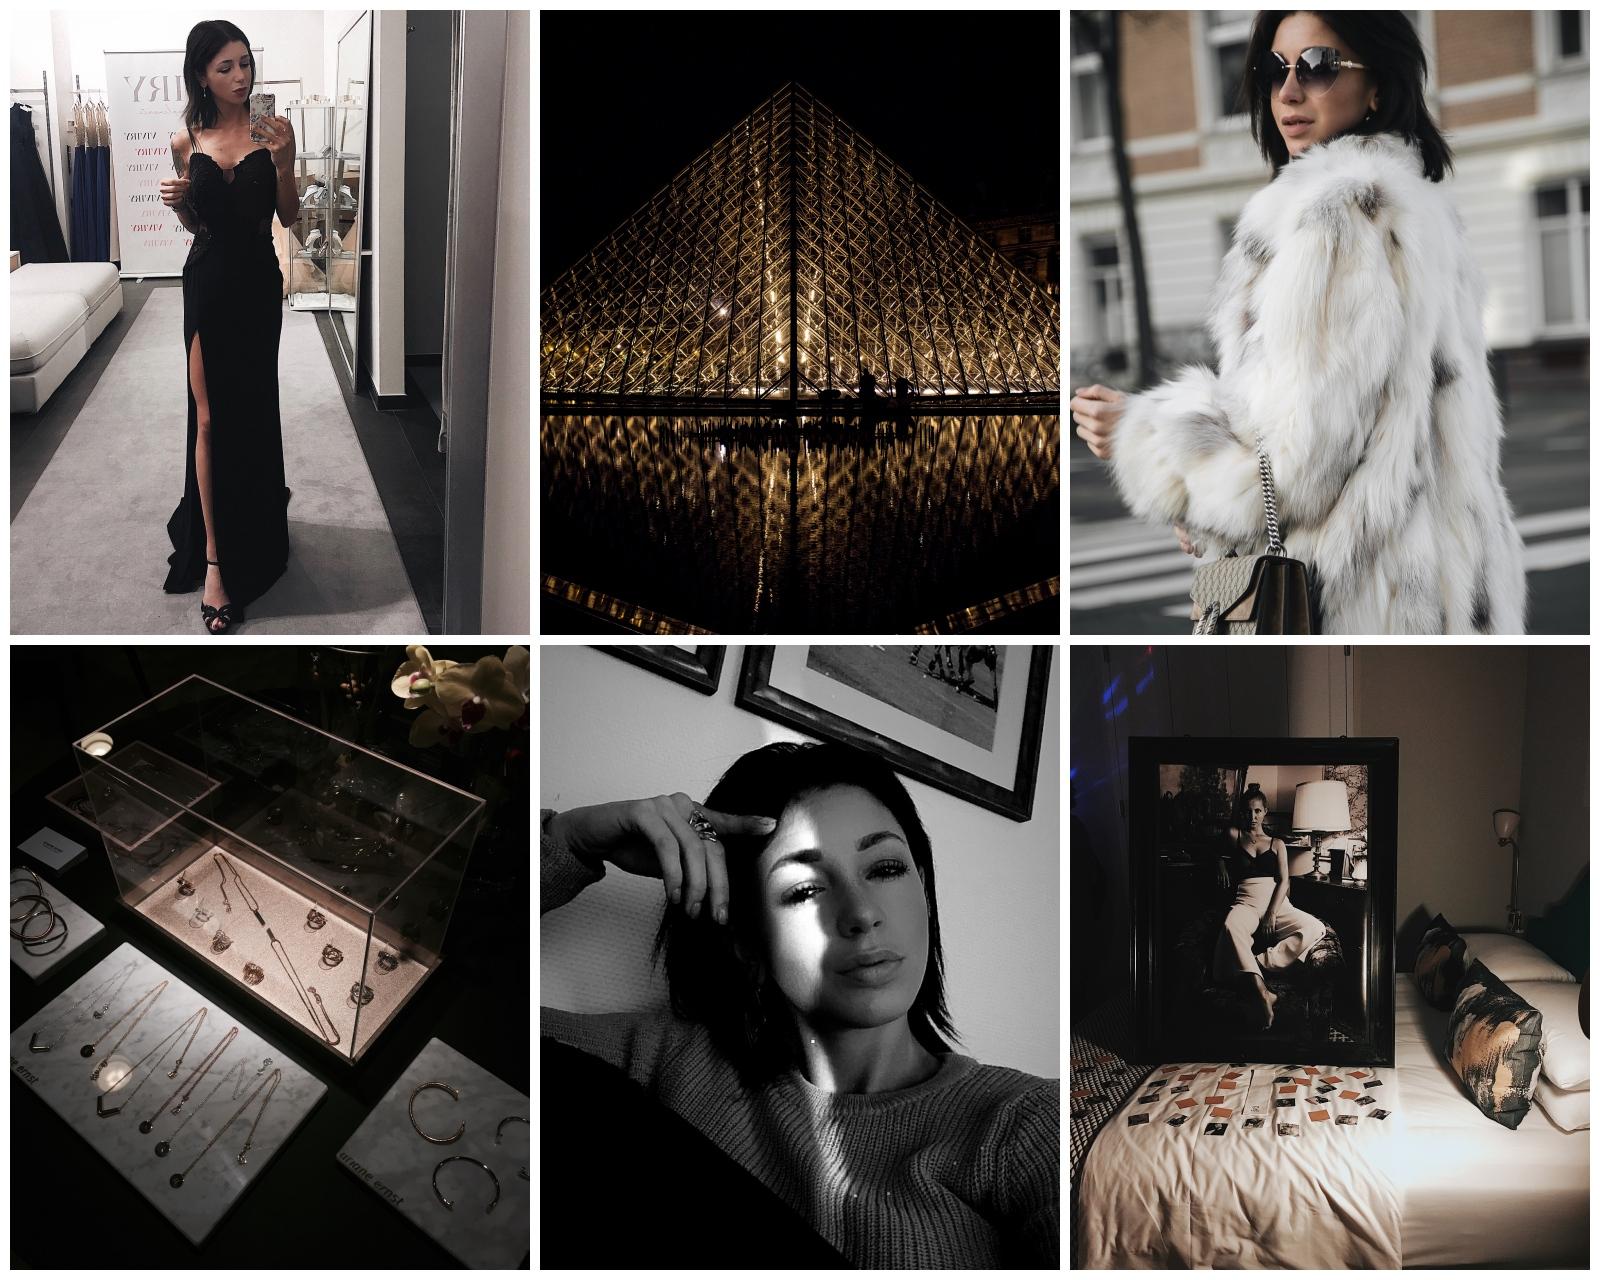 beliebte-deutsche-mode-blogs-wochenrueckblick-46-jasmin-kessler-couture-de-coeur.